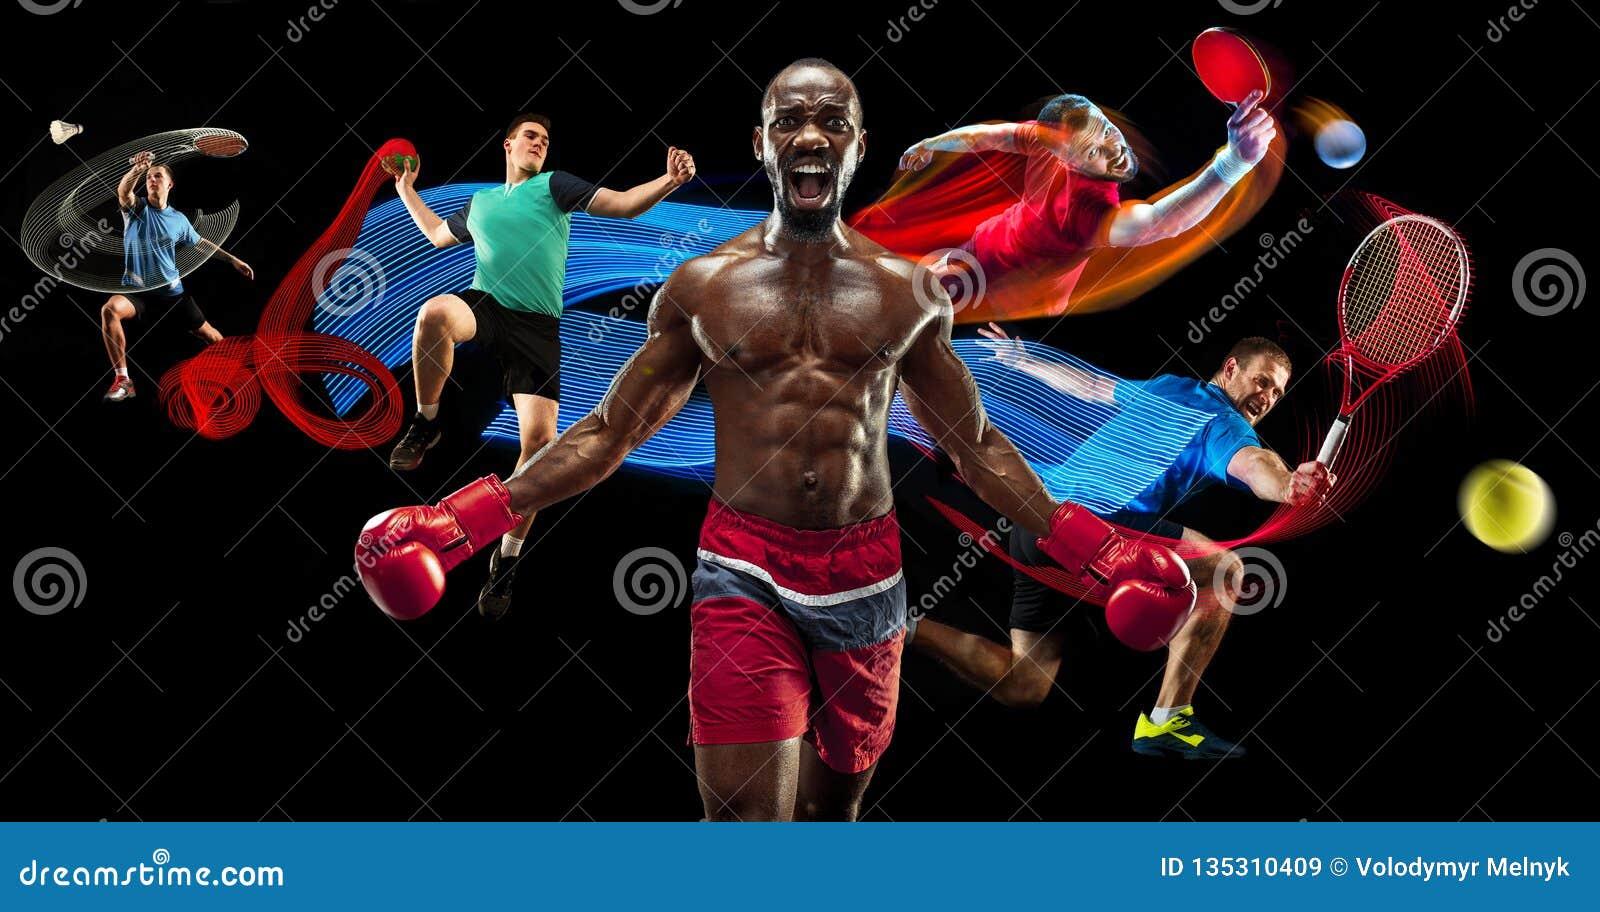 被照顾的 关于羽毛球、网球、拳击和手球球员的体育拼贴画